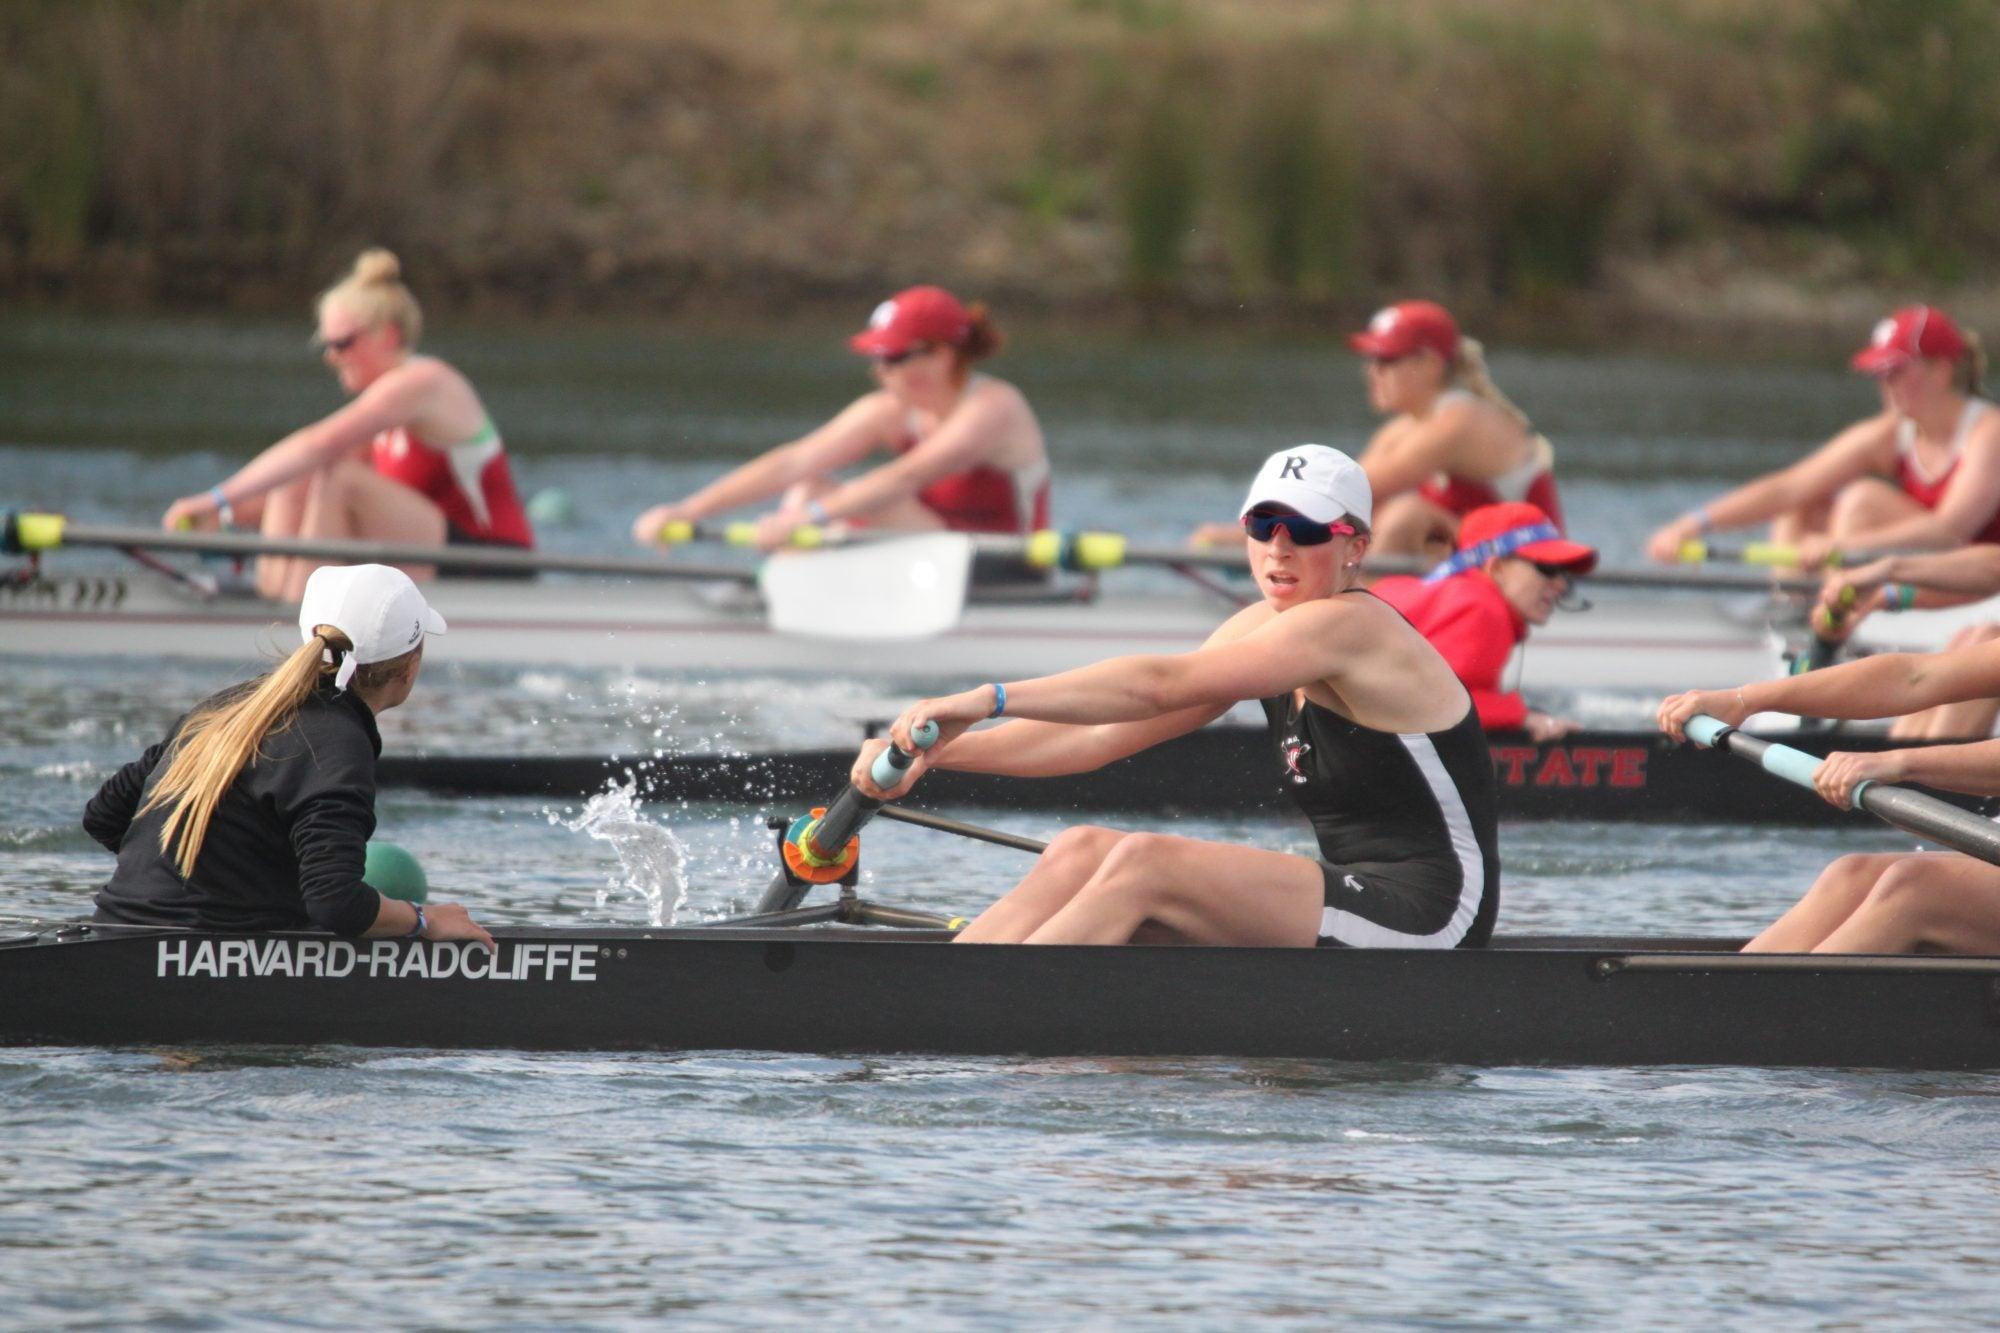 Women rowing in a boat